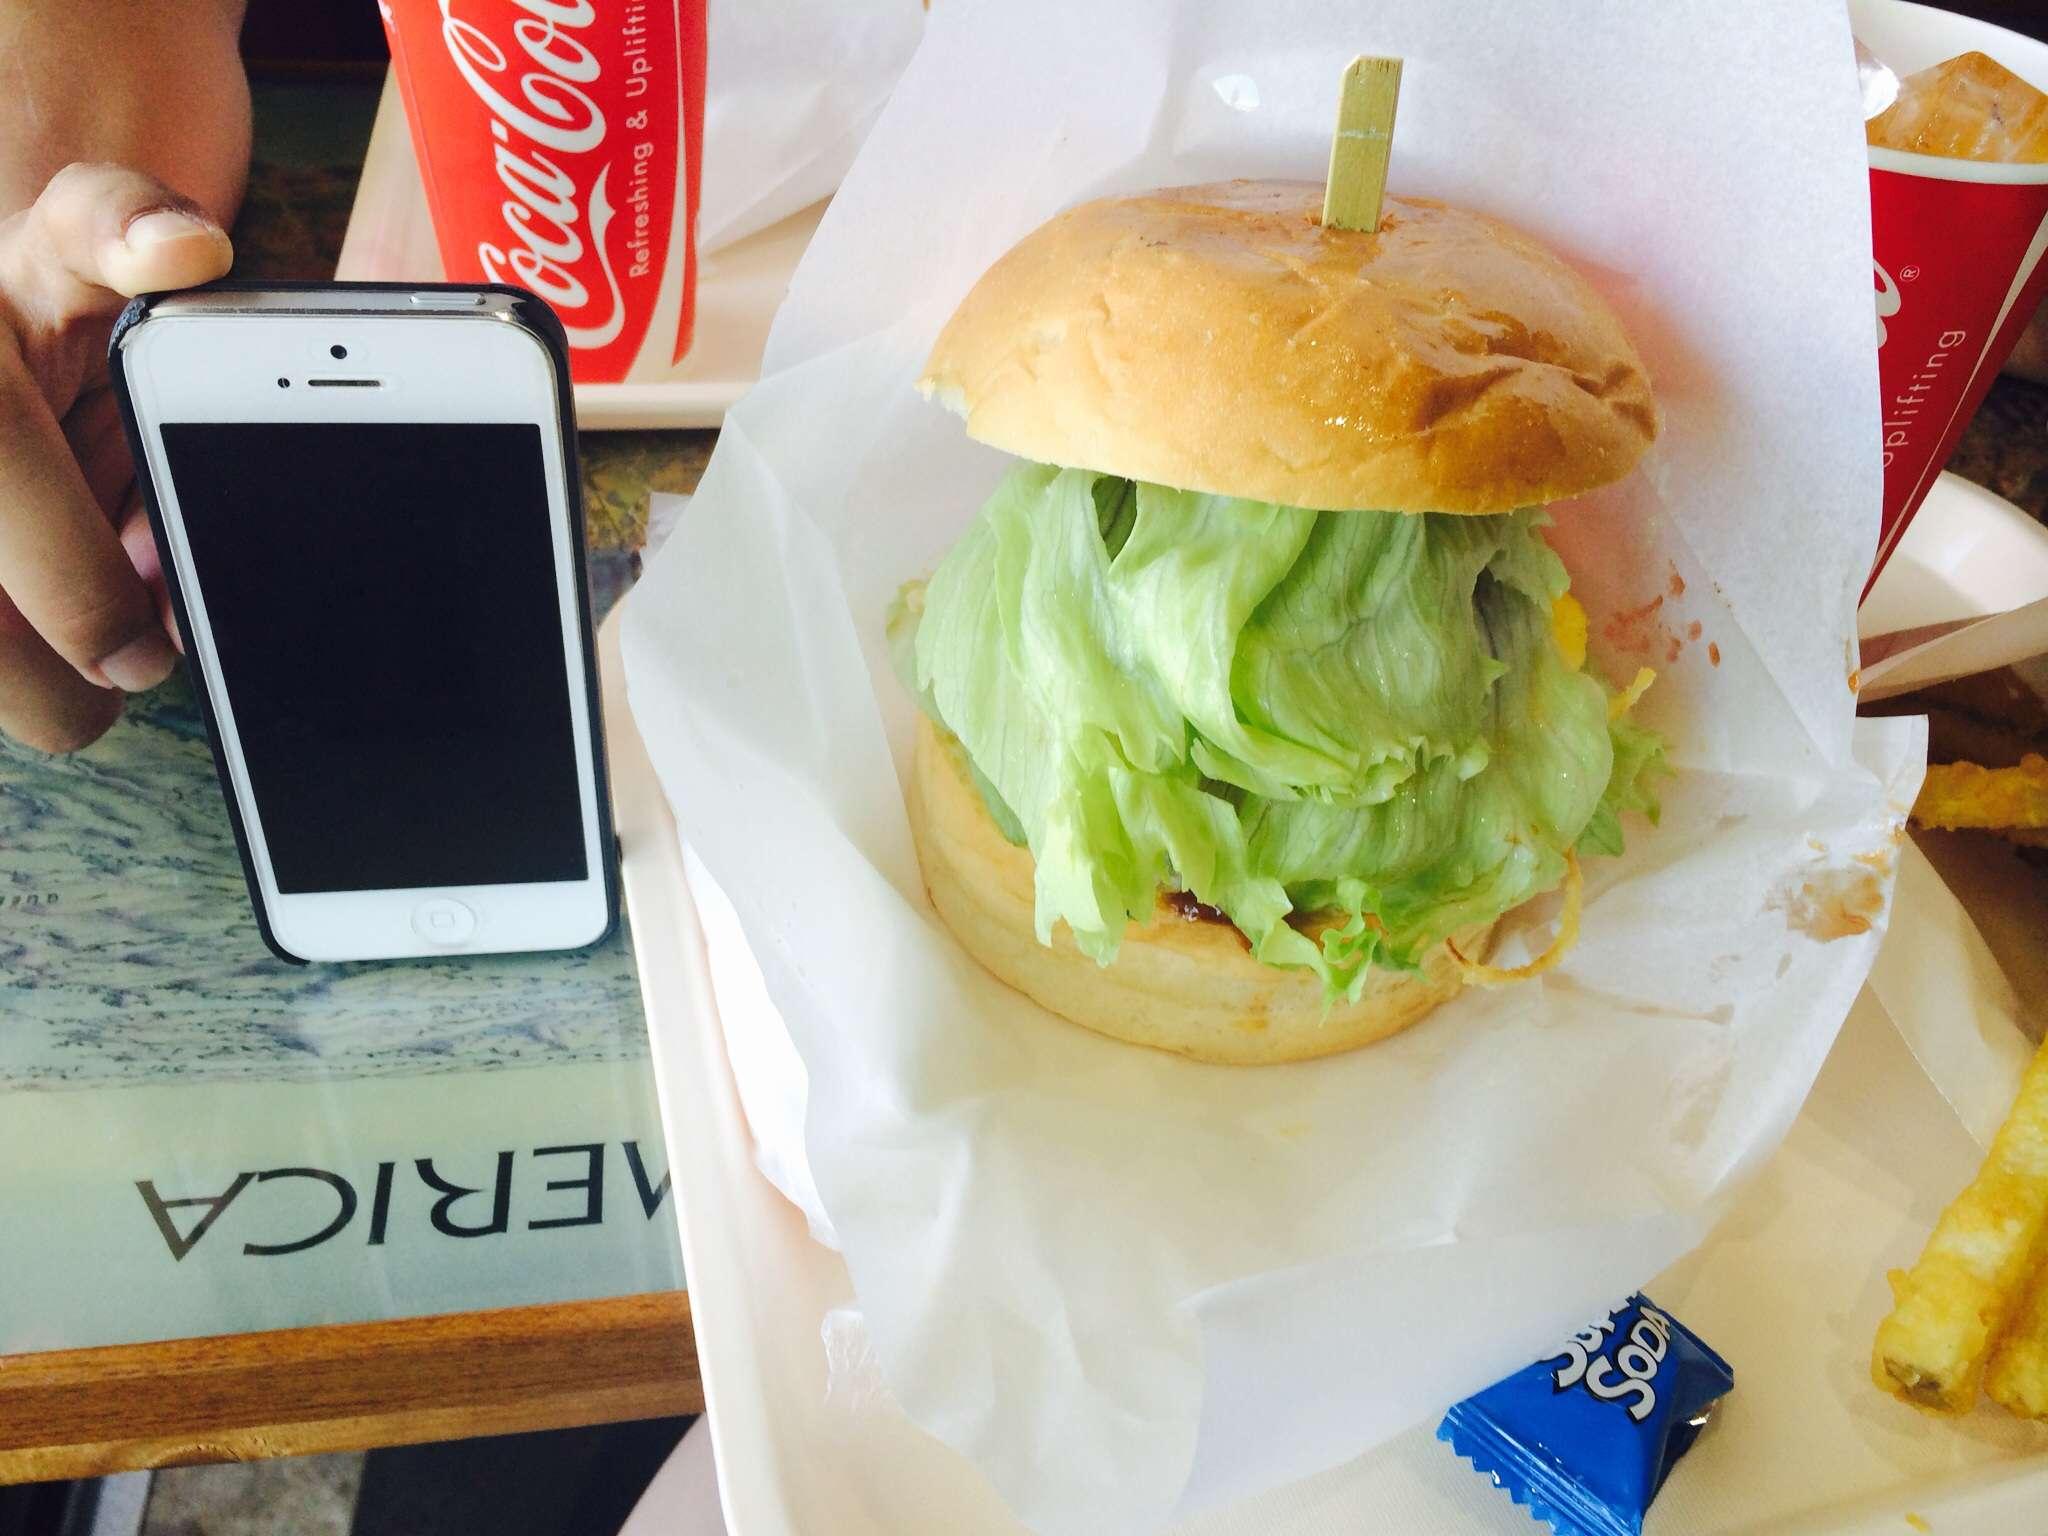 でっかい∑(゚Д゚)iPhoneと同じ高さのハンバーガー‼︎